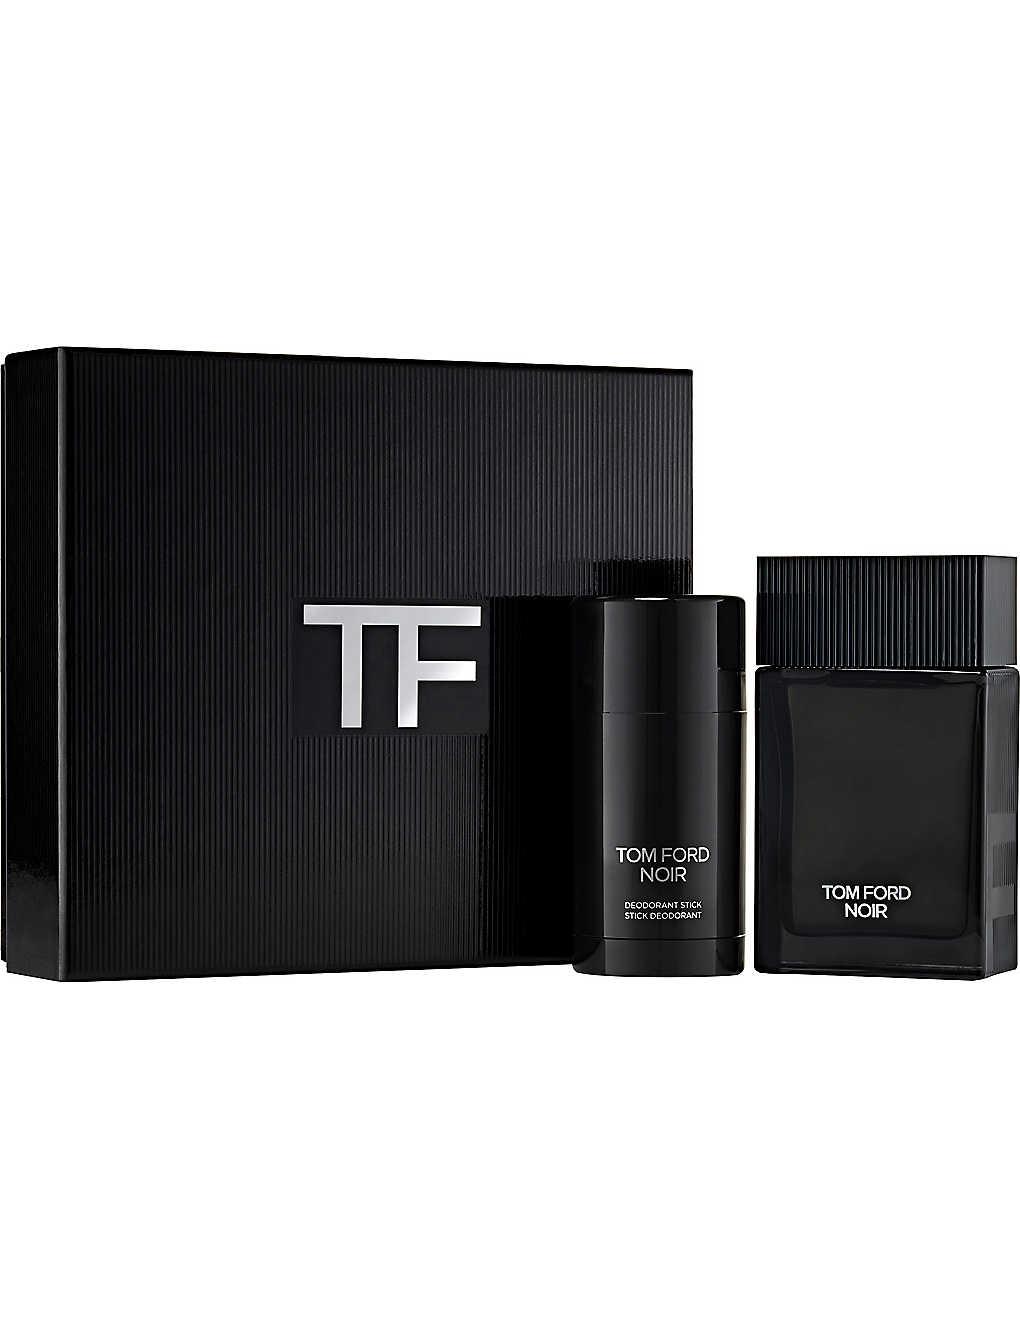 edp perfumeuae de spray noirdenoir tomford ford shop parfum s com tom eau noir